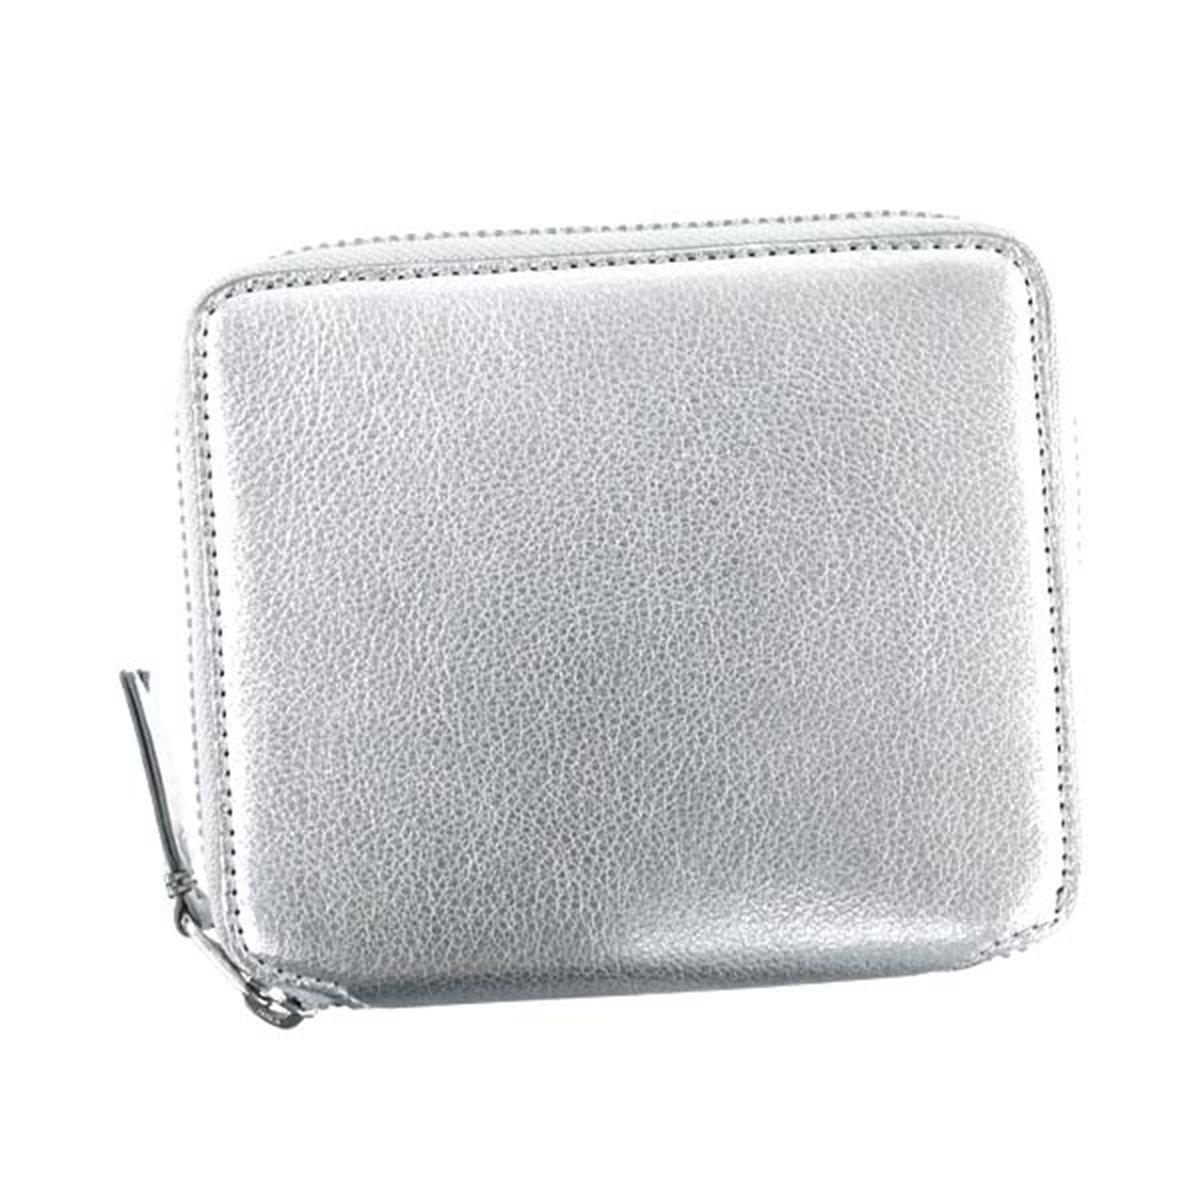 [コムデギャルソン] ラウンドファスナー二つ折り財布 SILVER シルバー [並行輸入品]   B07F82PF3J